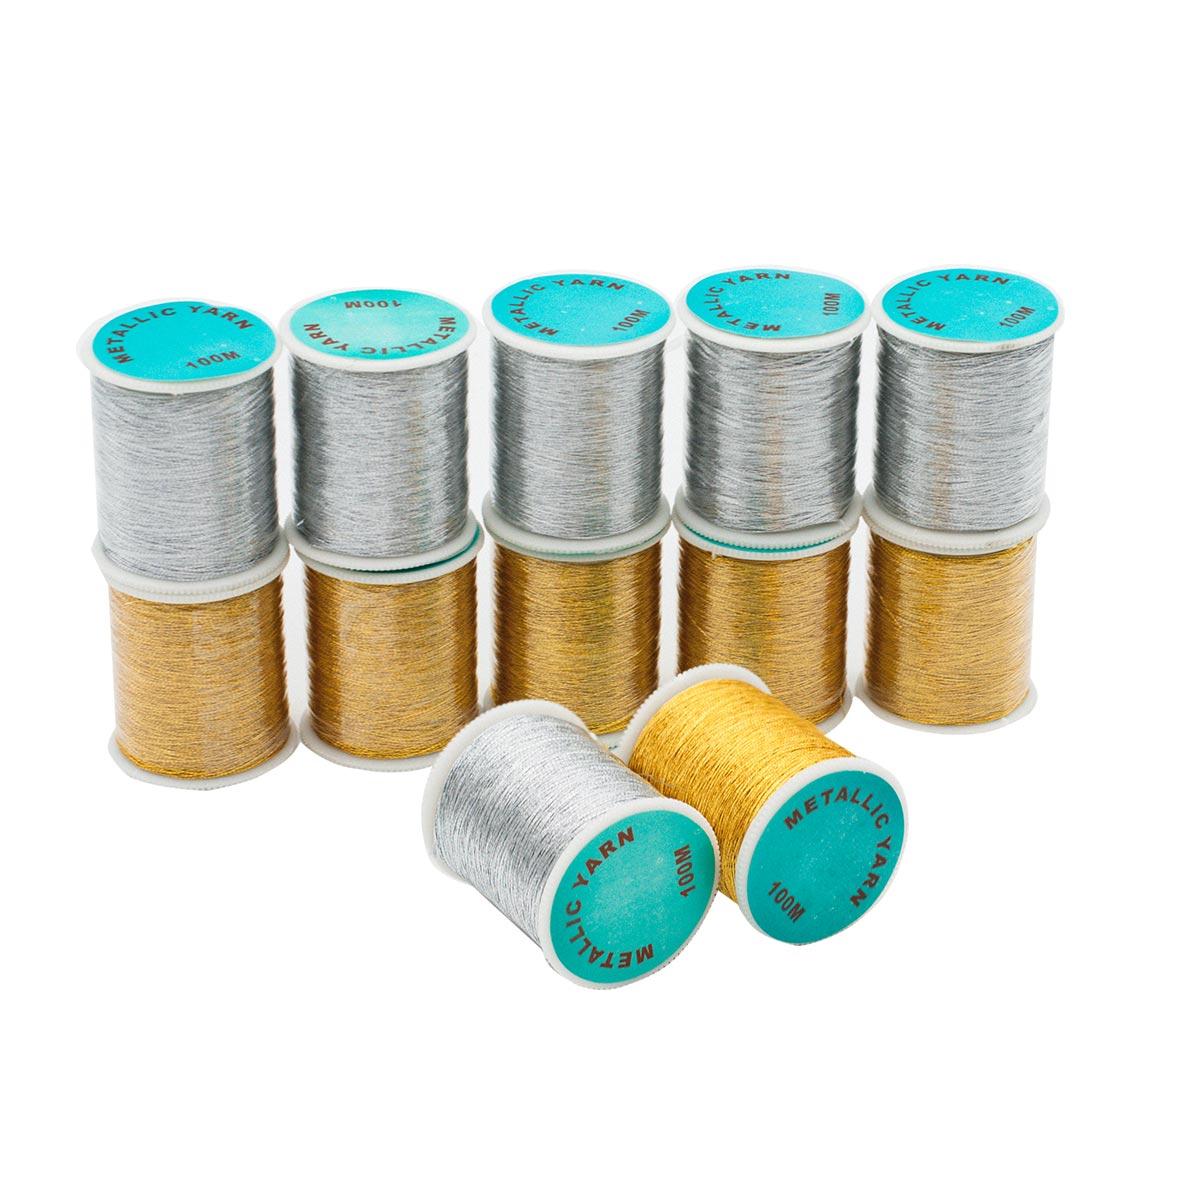 Нитки люрекс 0212-3303, 100м, упак/12 шт, золото/серебро